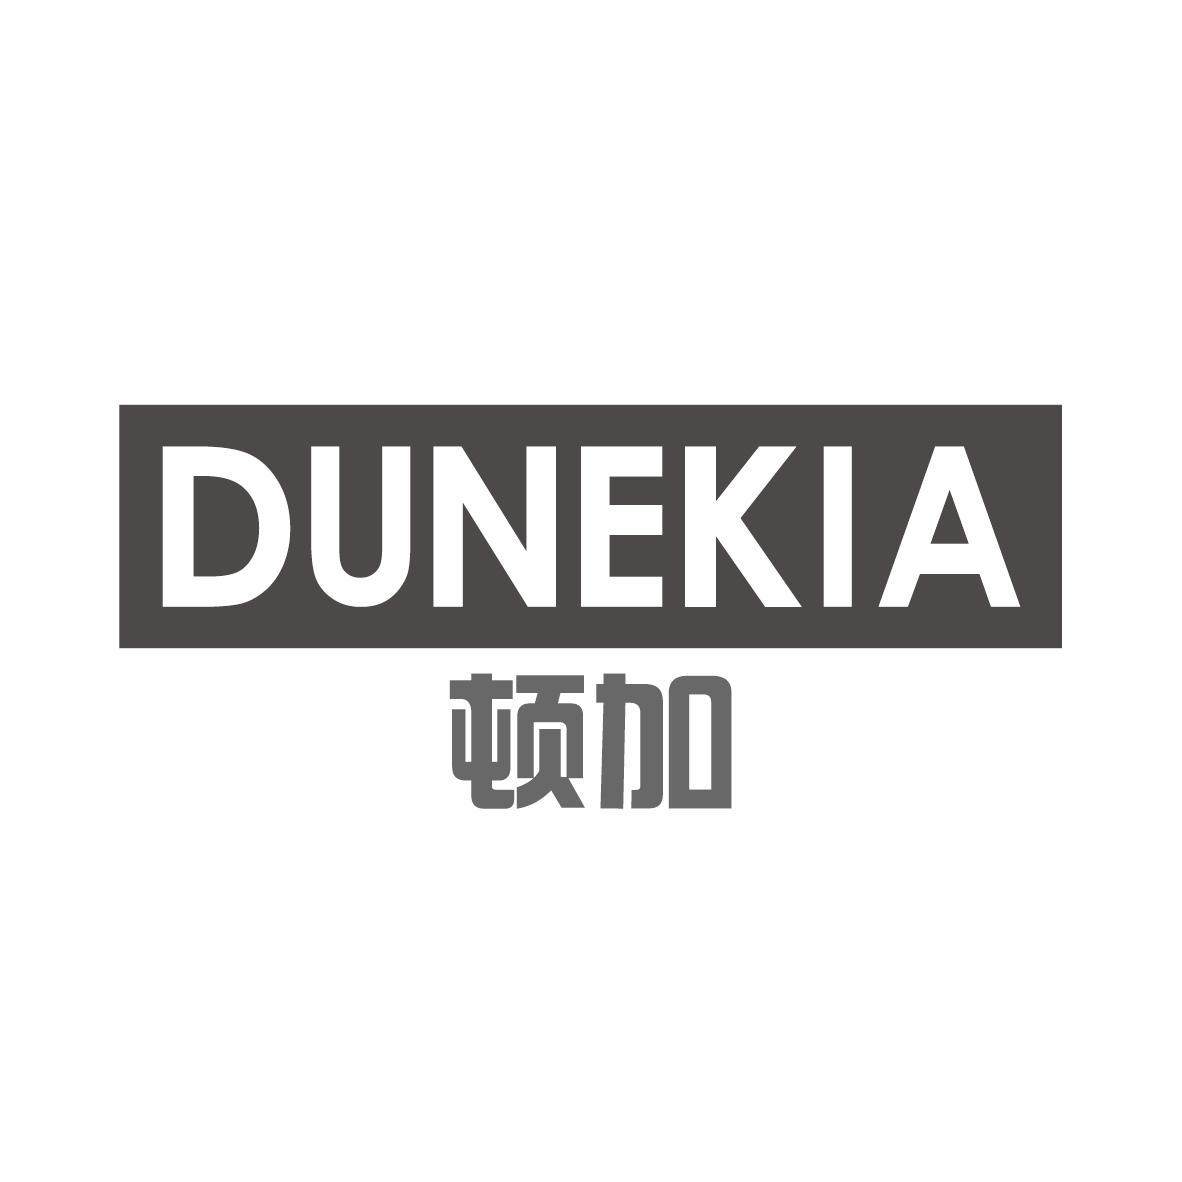 顿加DUNEKIA